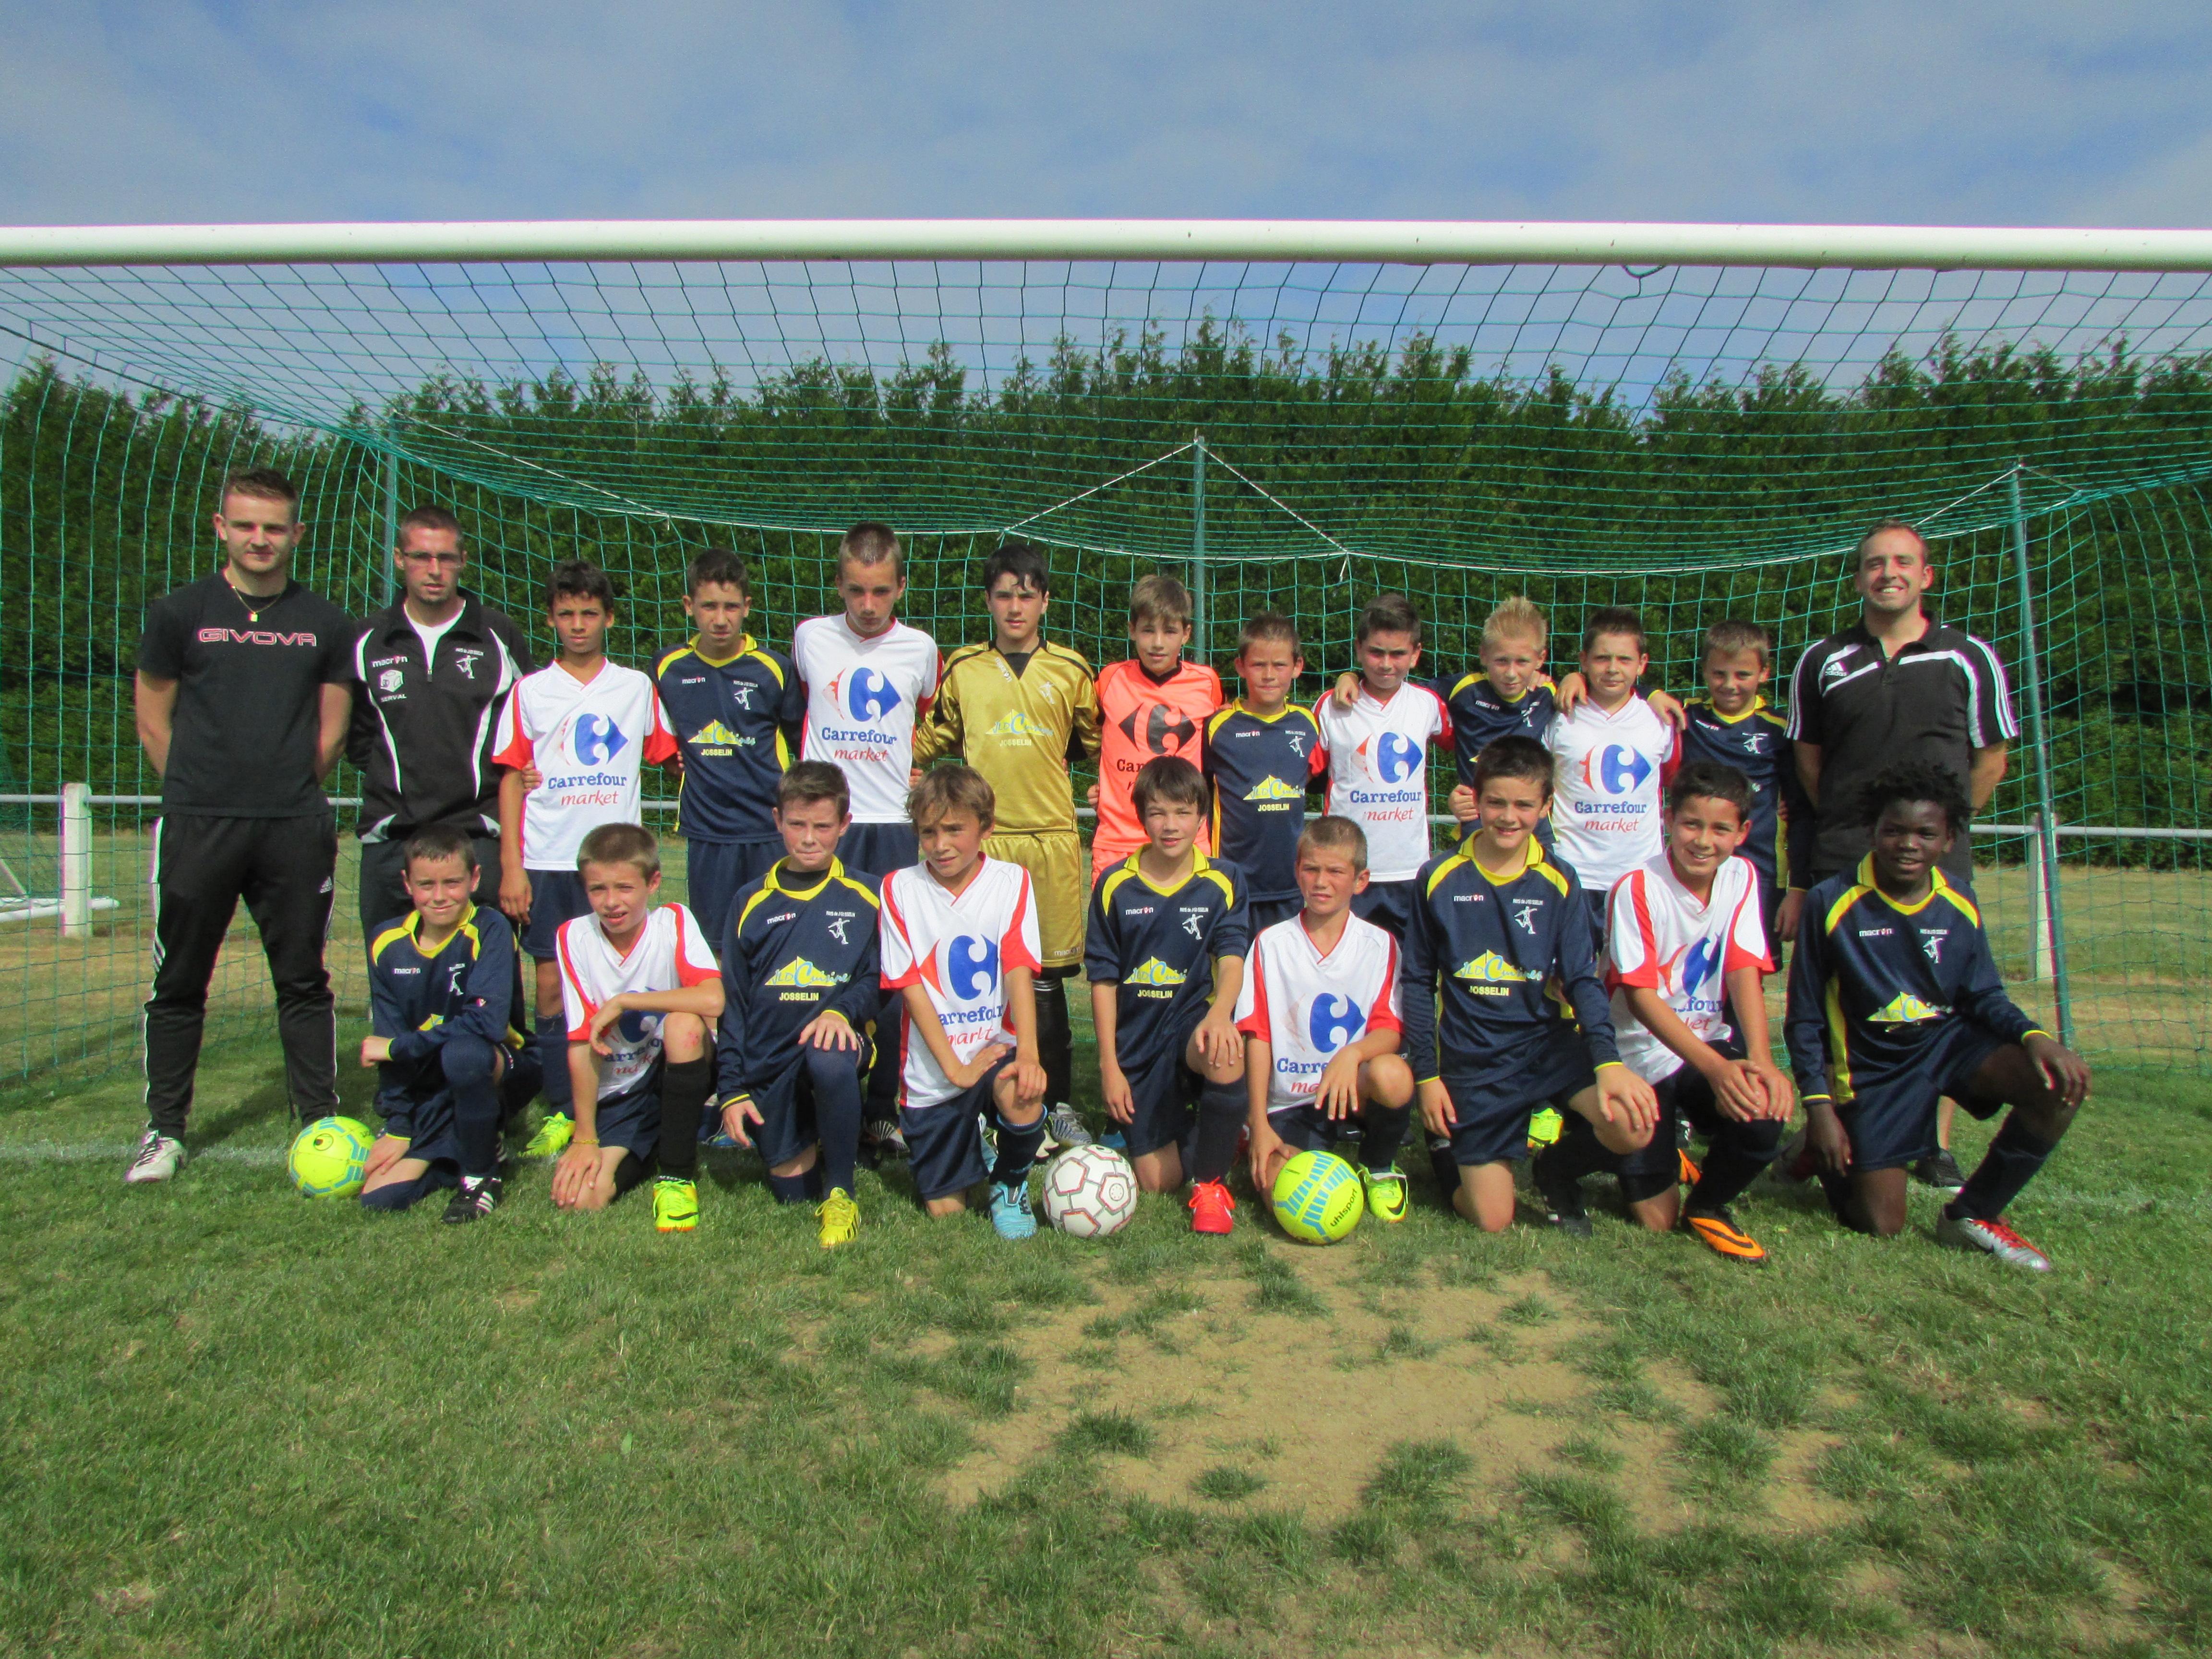 Équipe A et B du Groupement des Jeunes du Pays de Josselin - saison de football 2013/2014